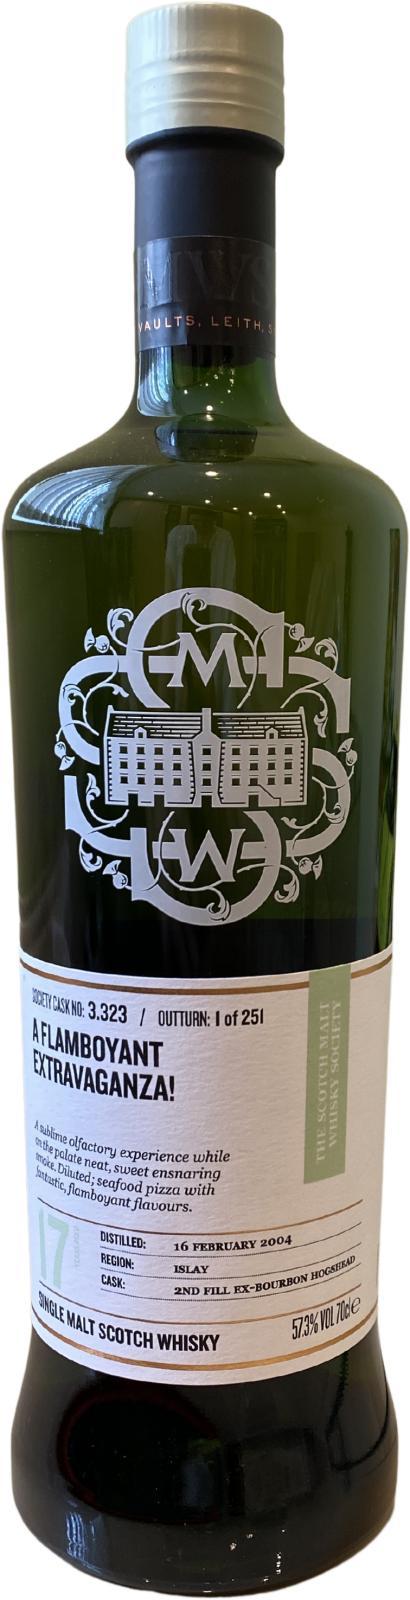 Bowmore 2004 SMWS 3.323